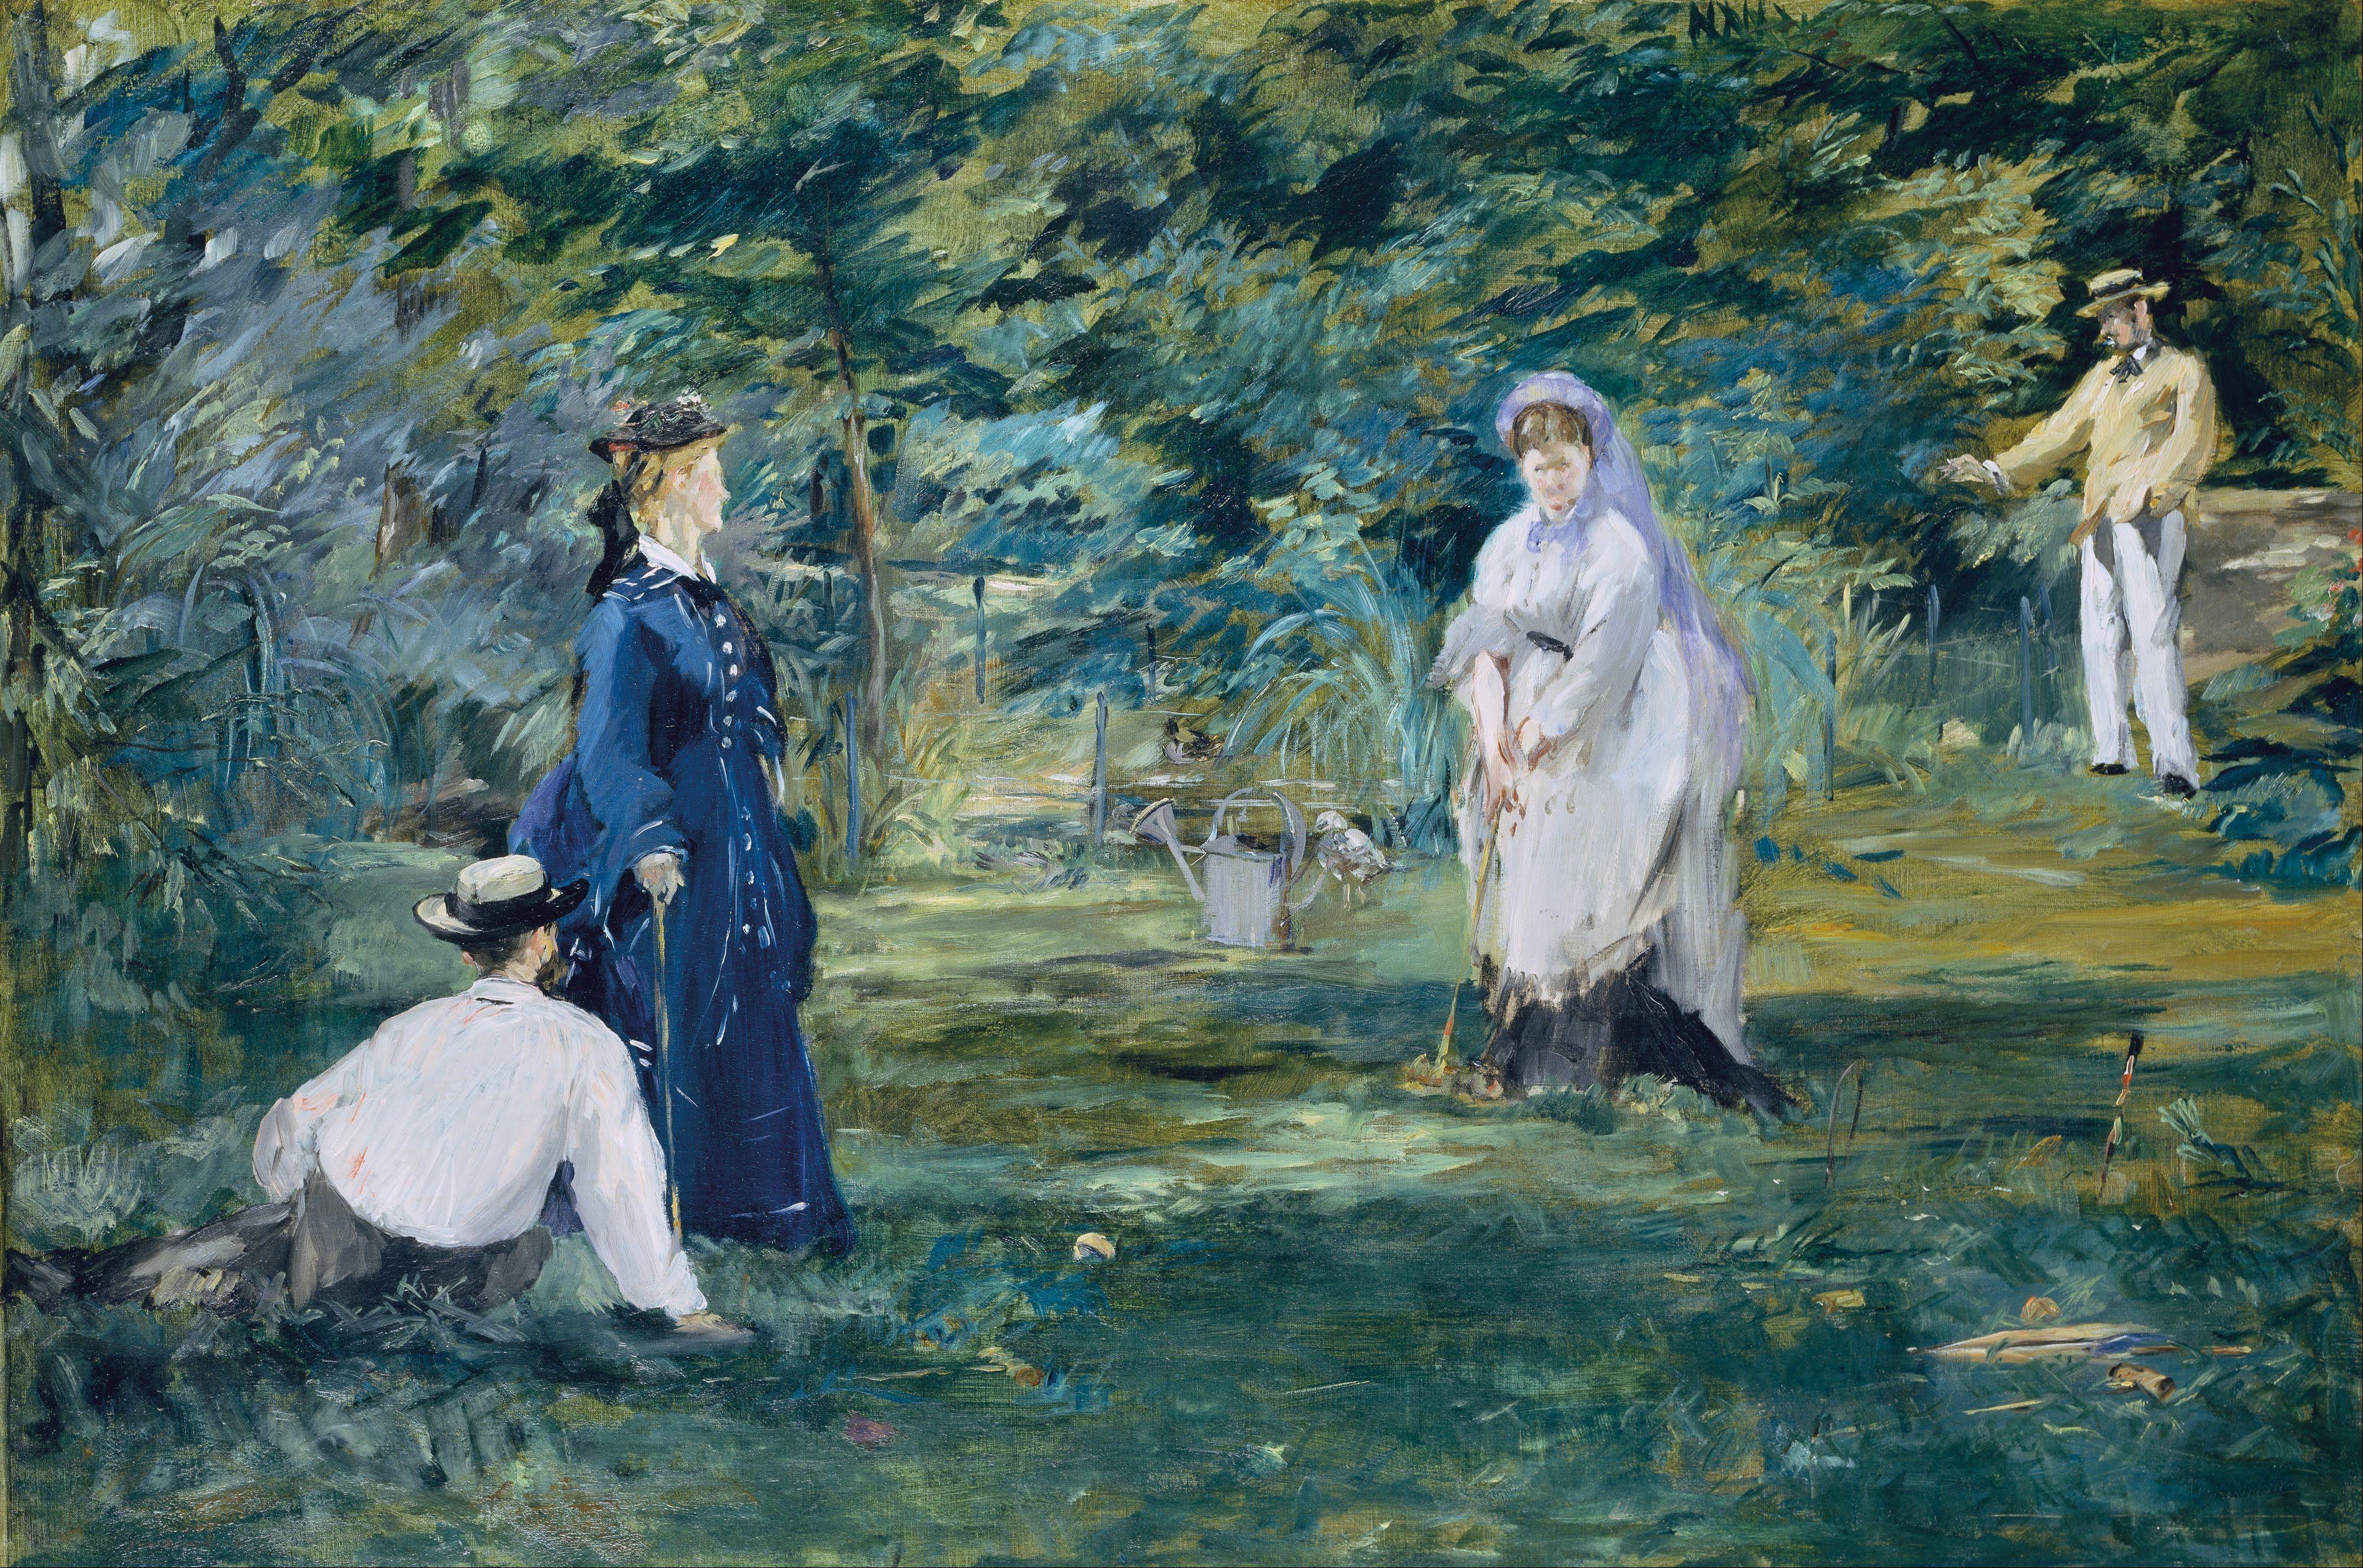 Картинки по запросу cuadros de manet impresionismo